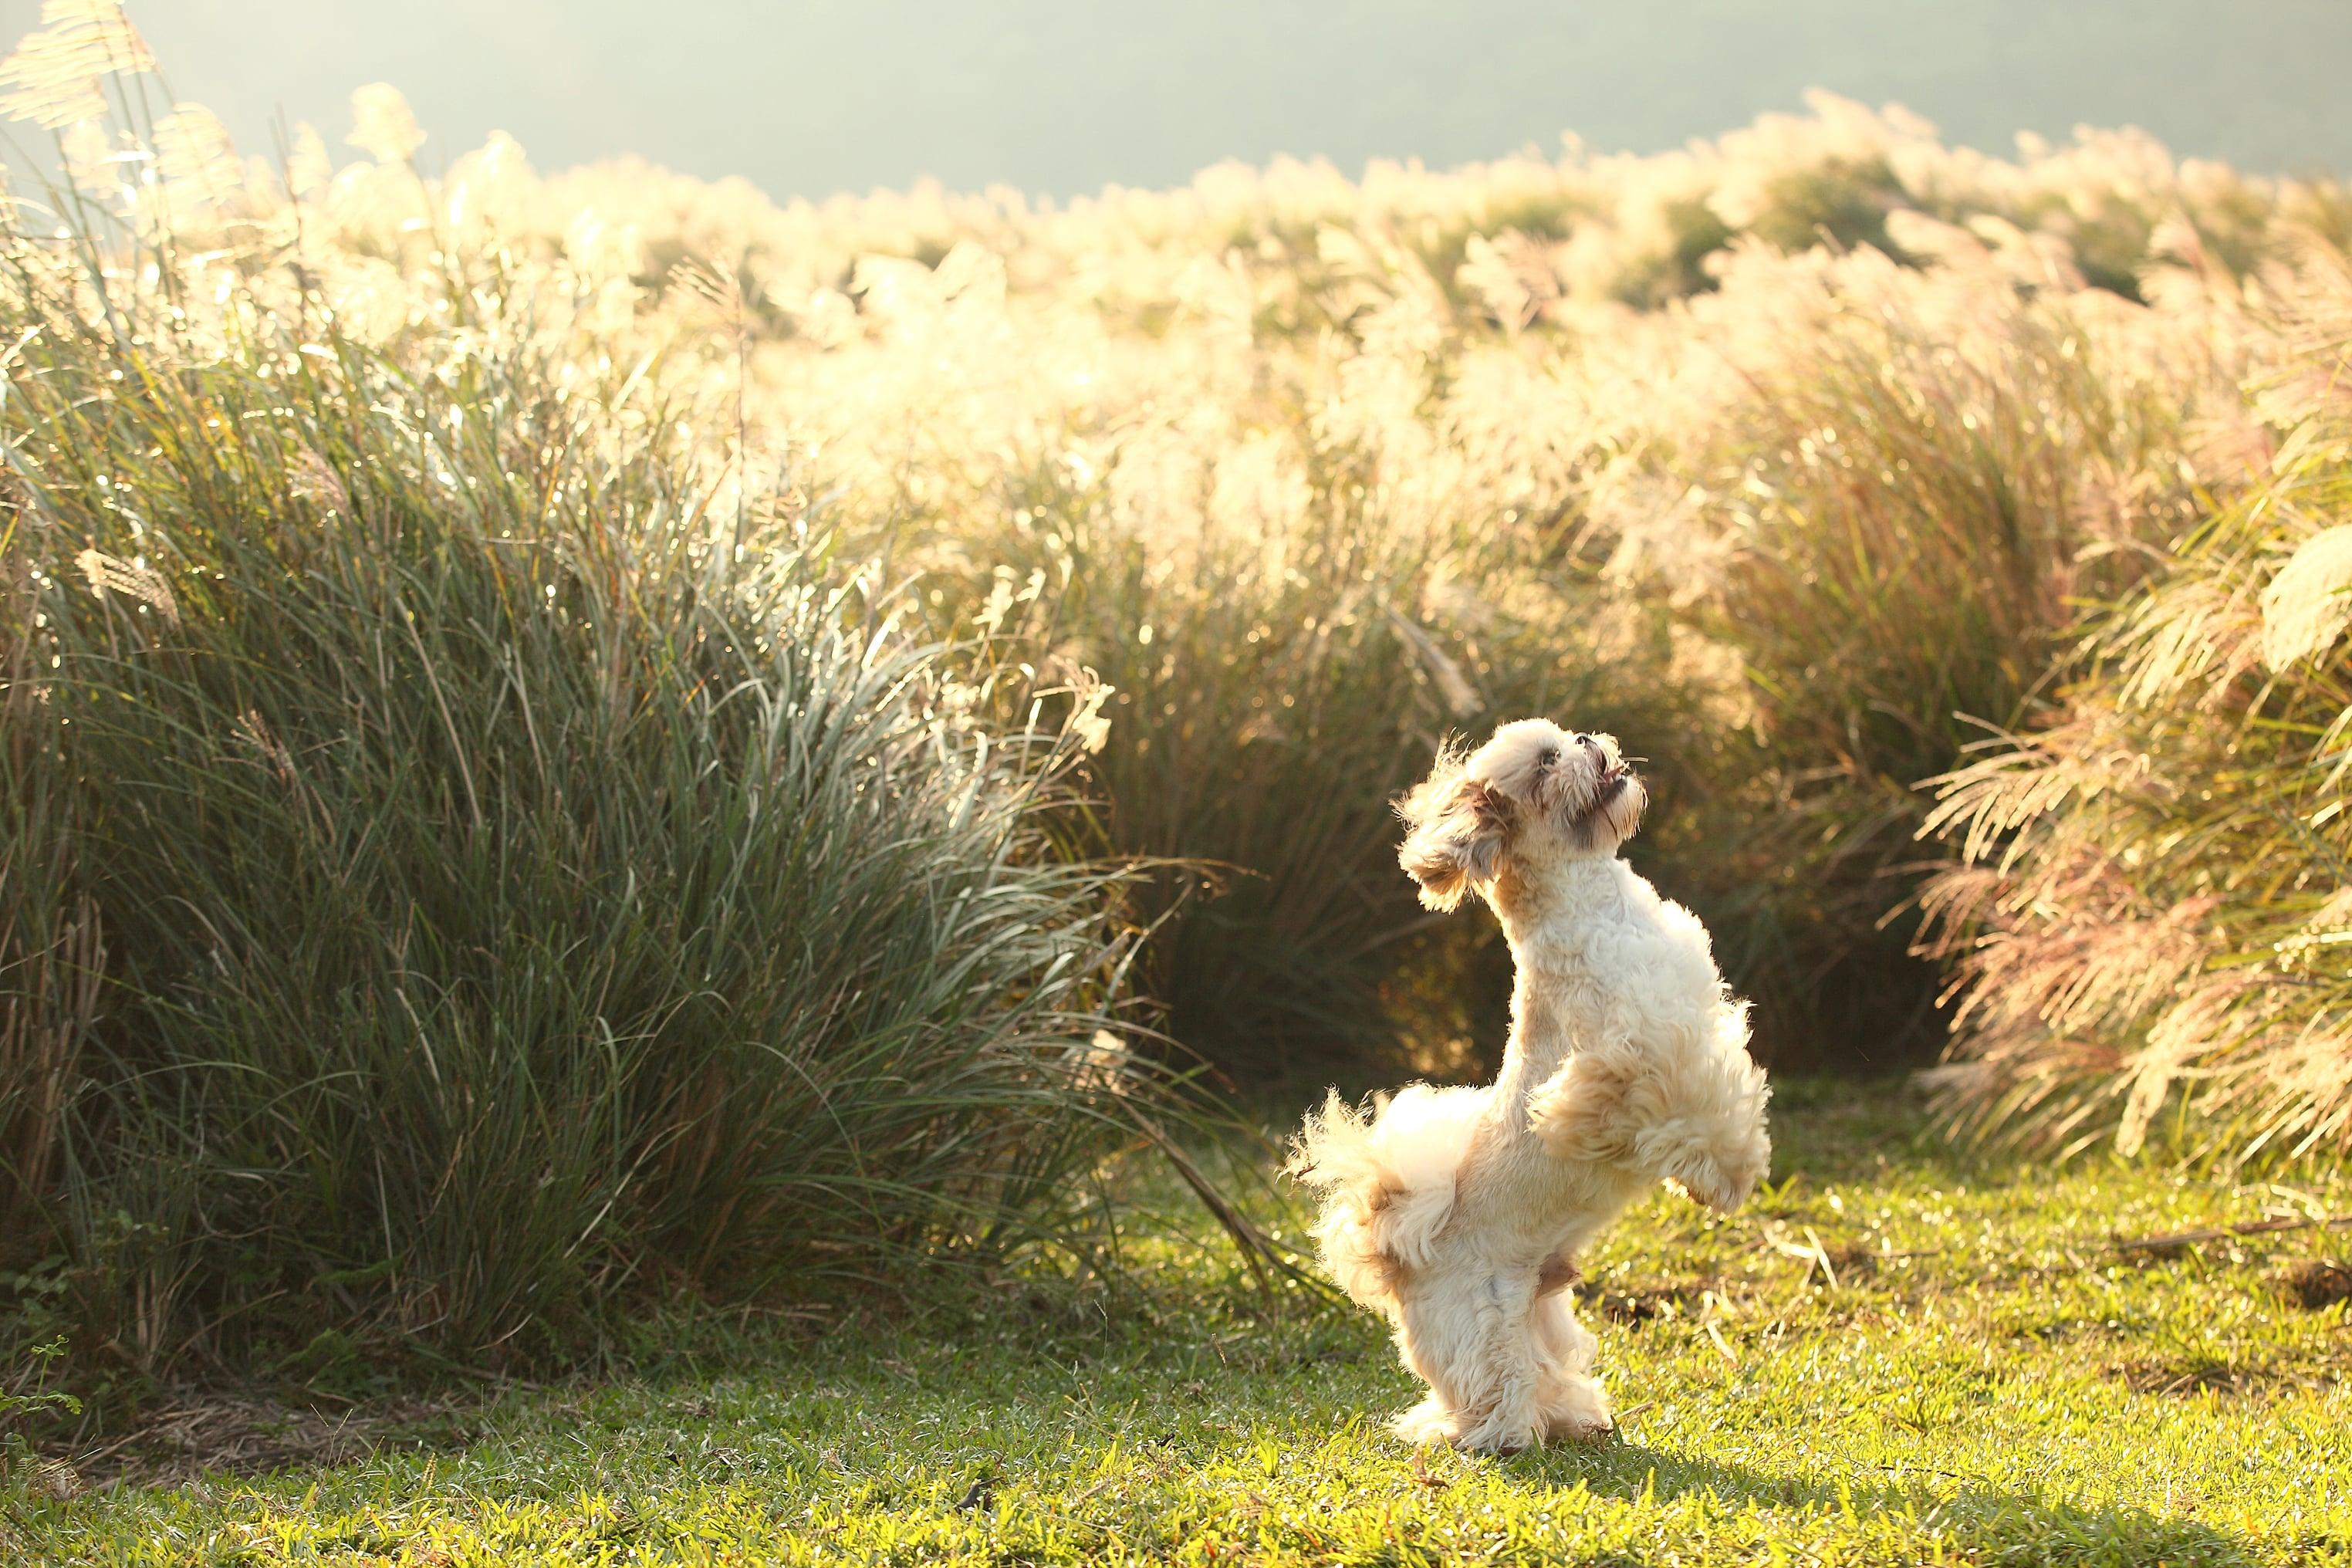 西施犬在清朝宮廷中有著特殊的尊貴地位,民間難以見到這珍貴犬種的廬山真面目